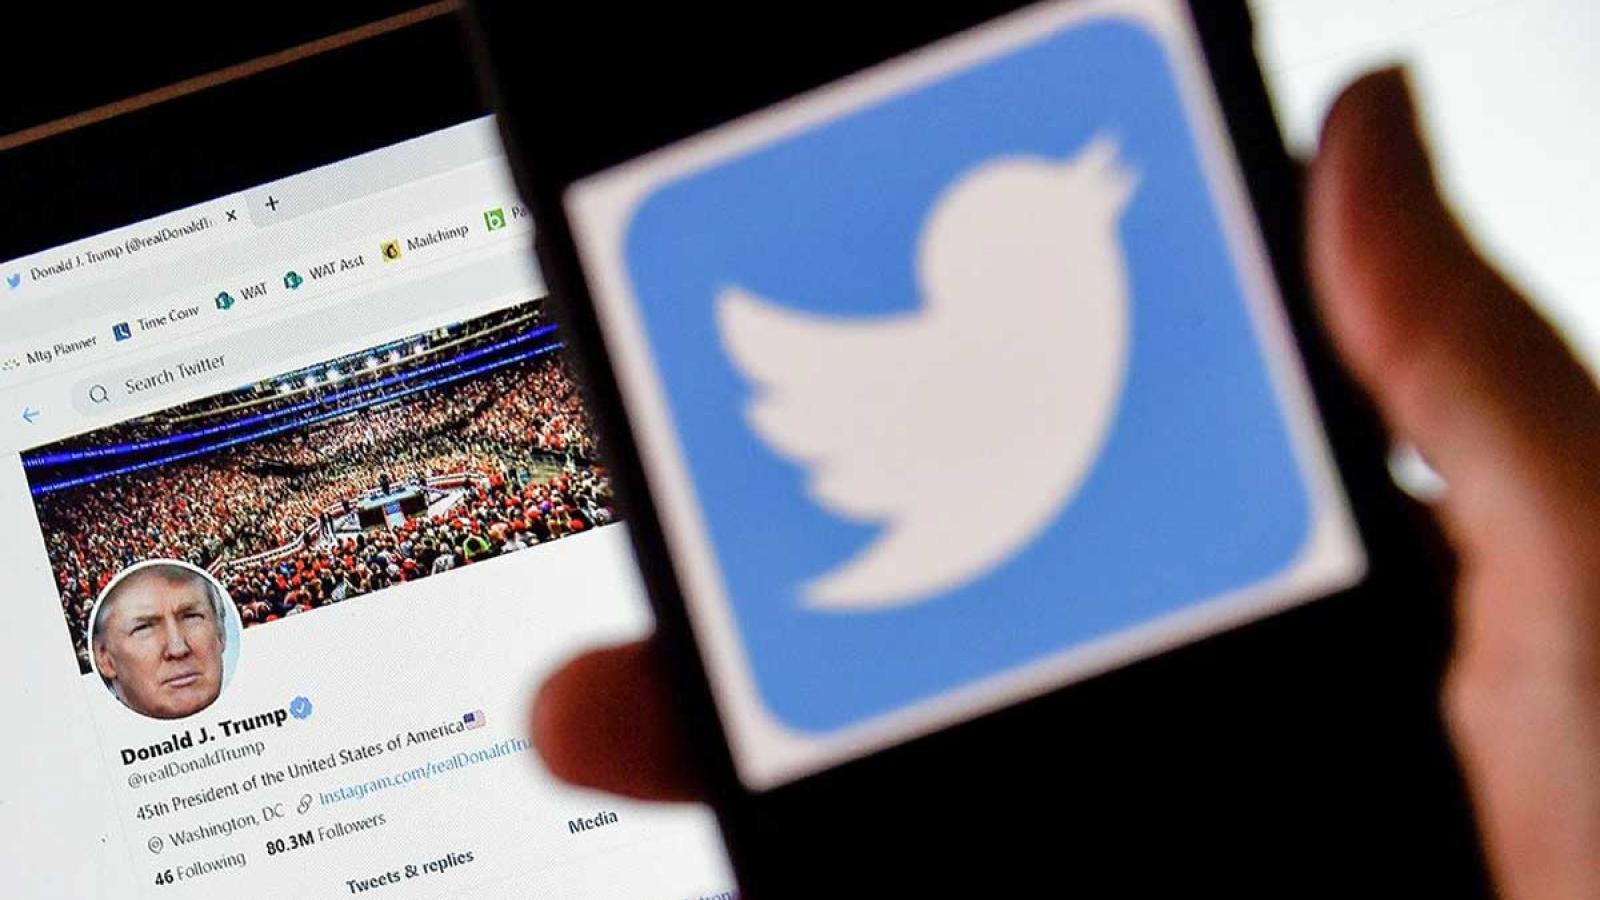 Bị khóa tài khoản Twitter và @POTUS, ông Donald Trump tuyên bố xây dựng mạng xã hội riêng